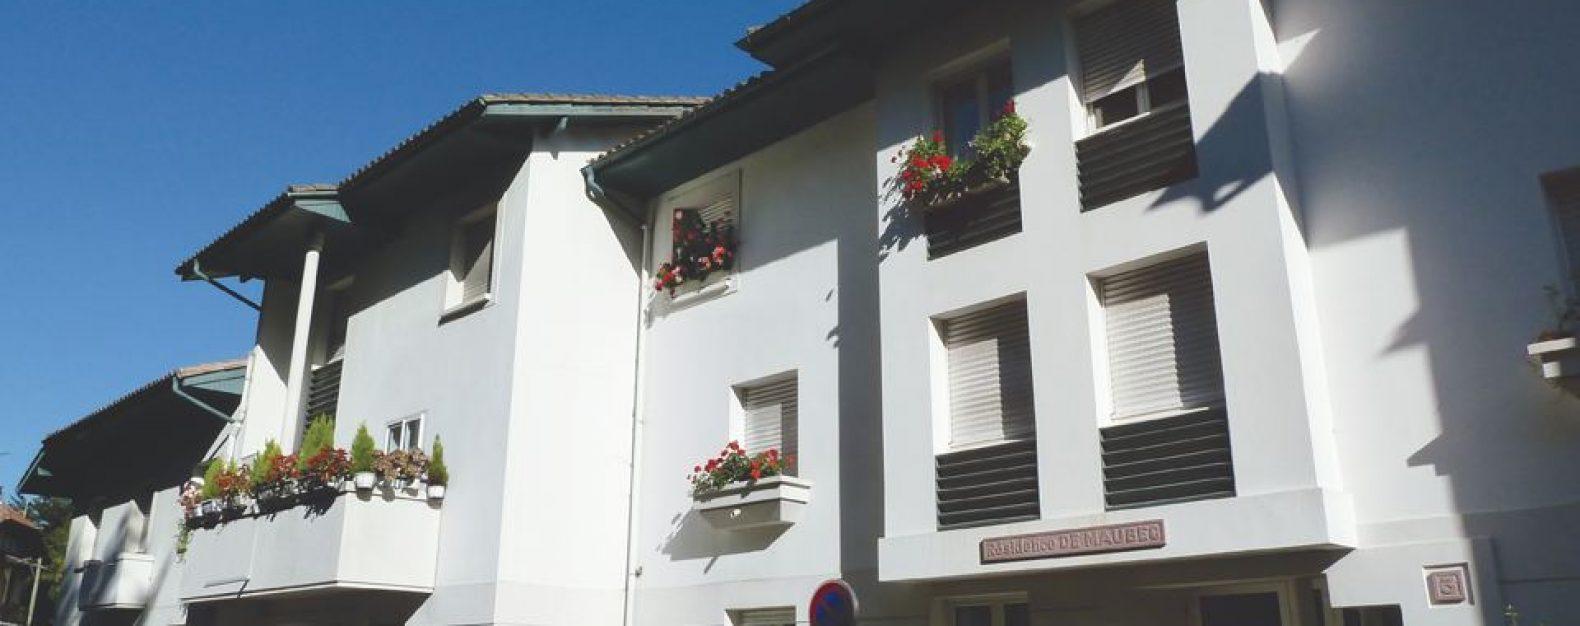 A acheter à Bayonne T2 à 118 000 € - 56m²